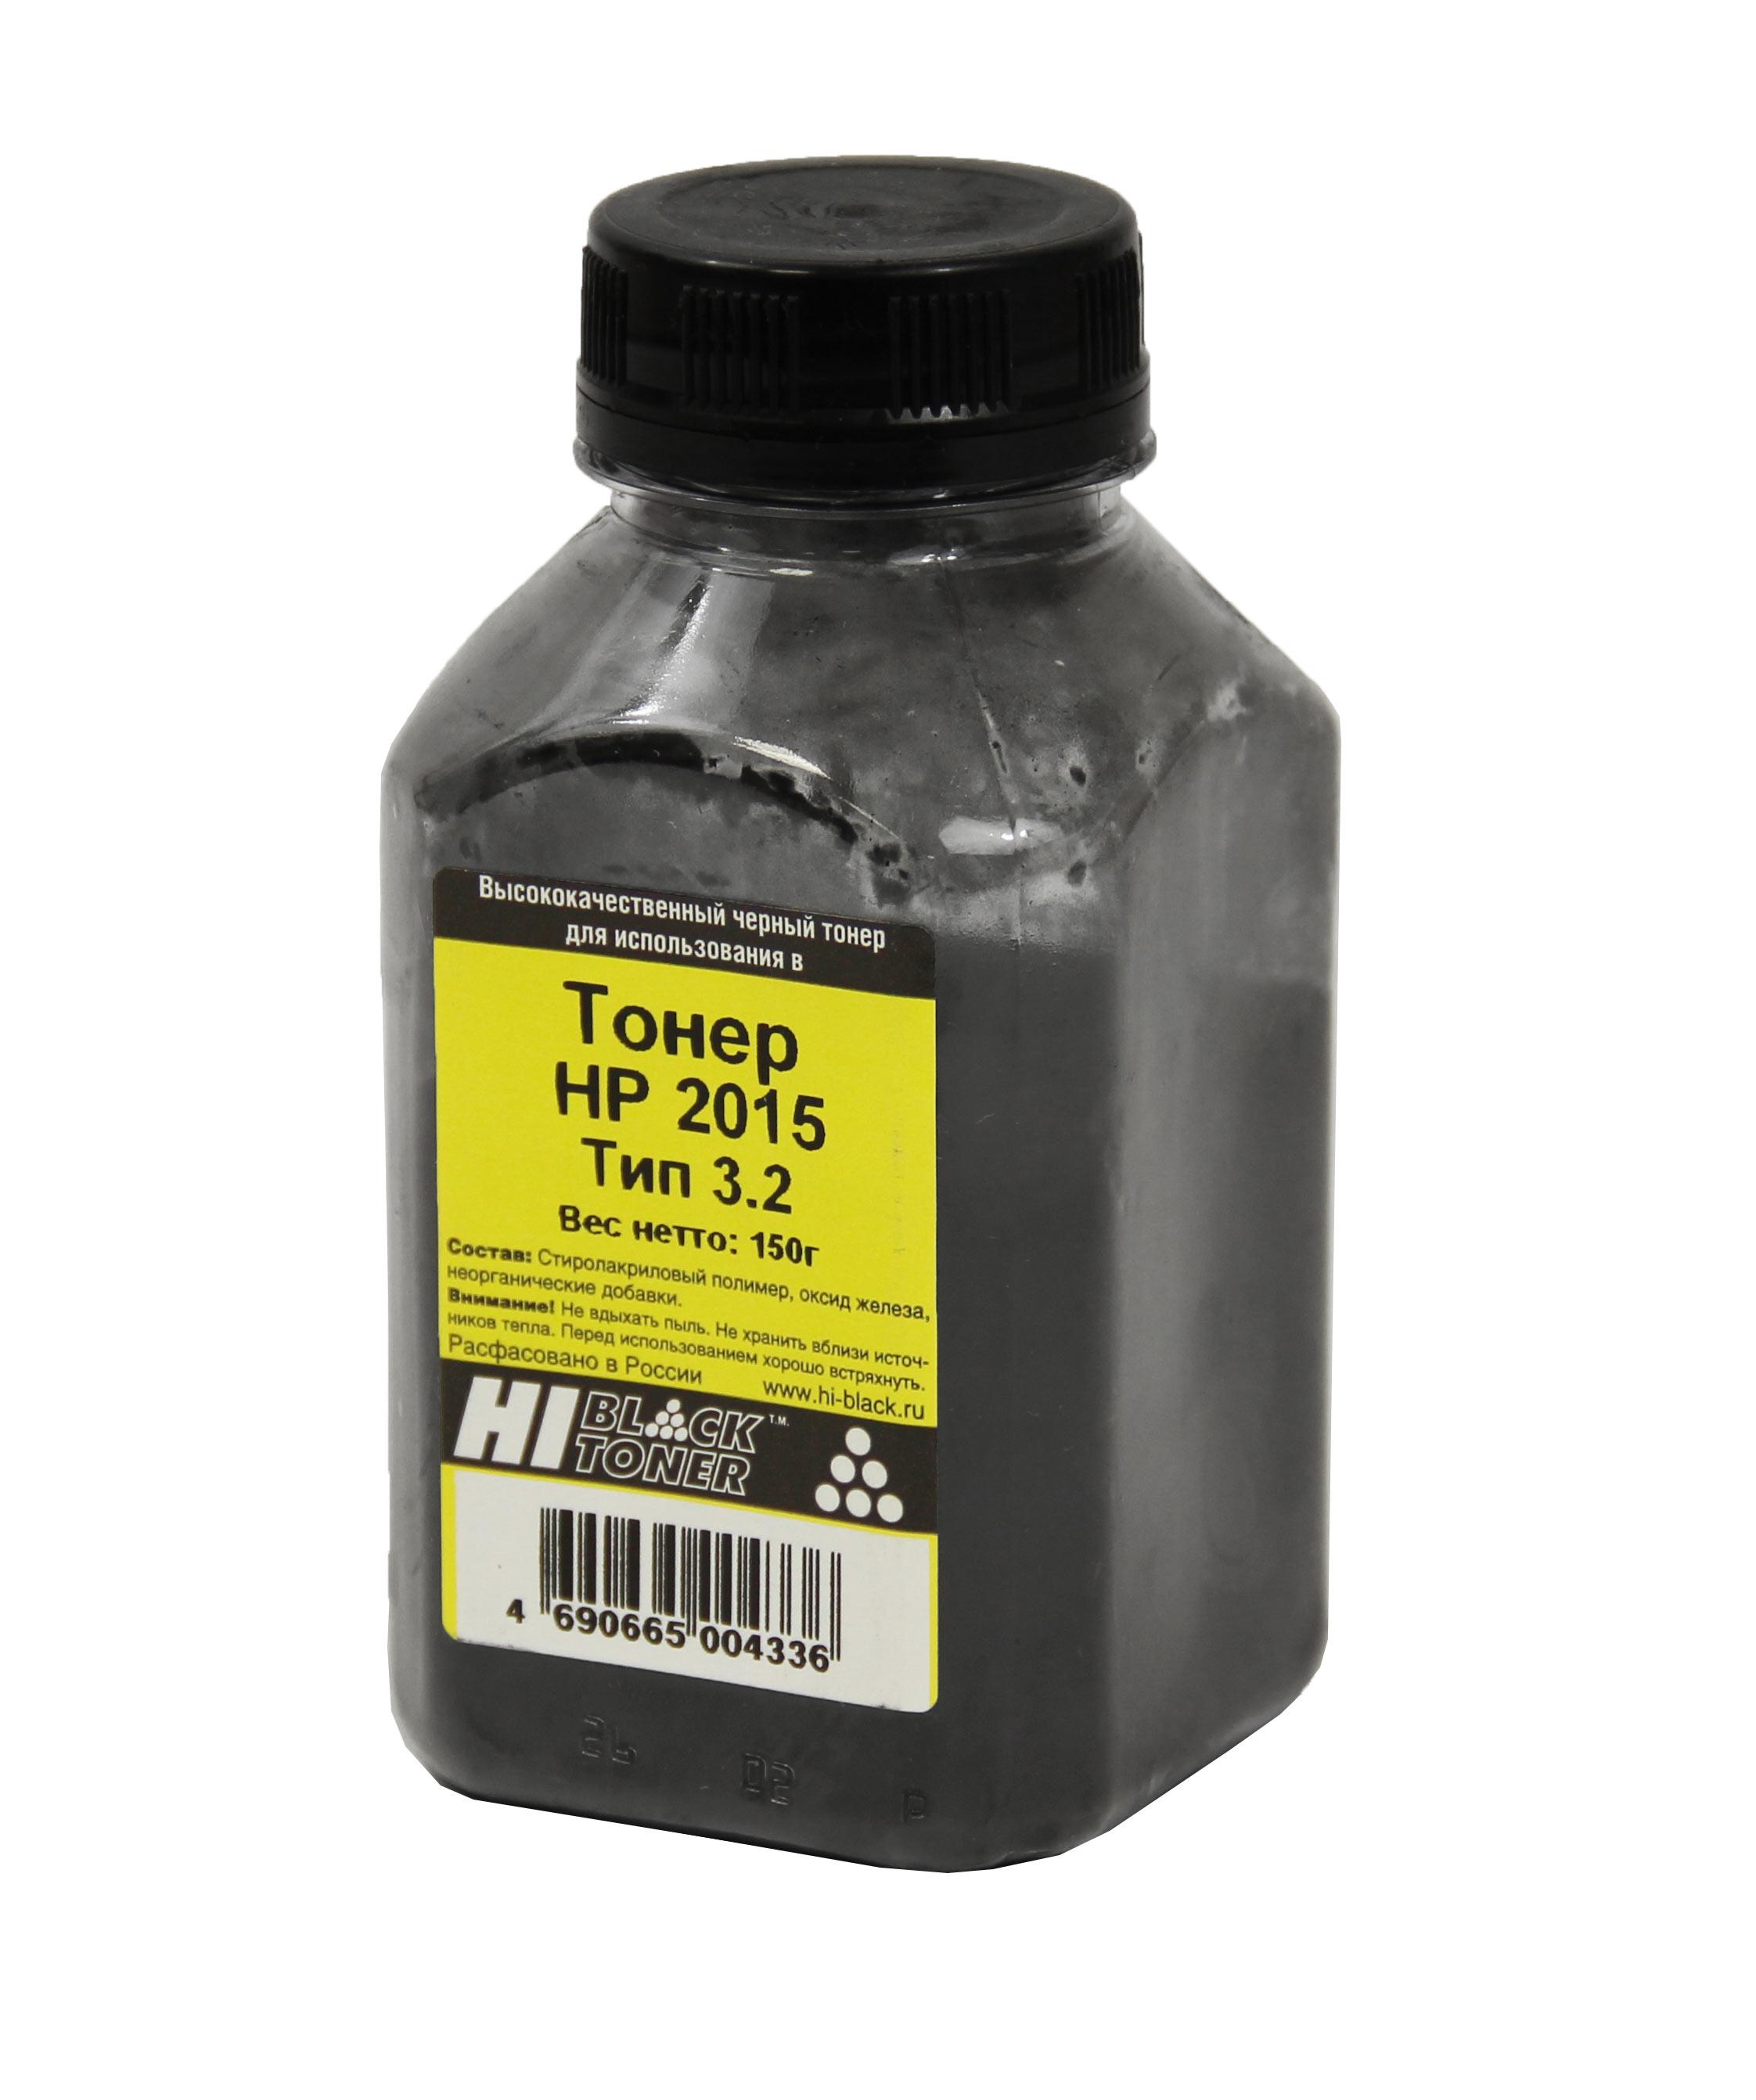 Тонер Hi-Black для HP LJ P2015, Тип 3.2, Bk, 150 г, банка